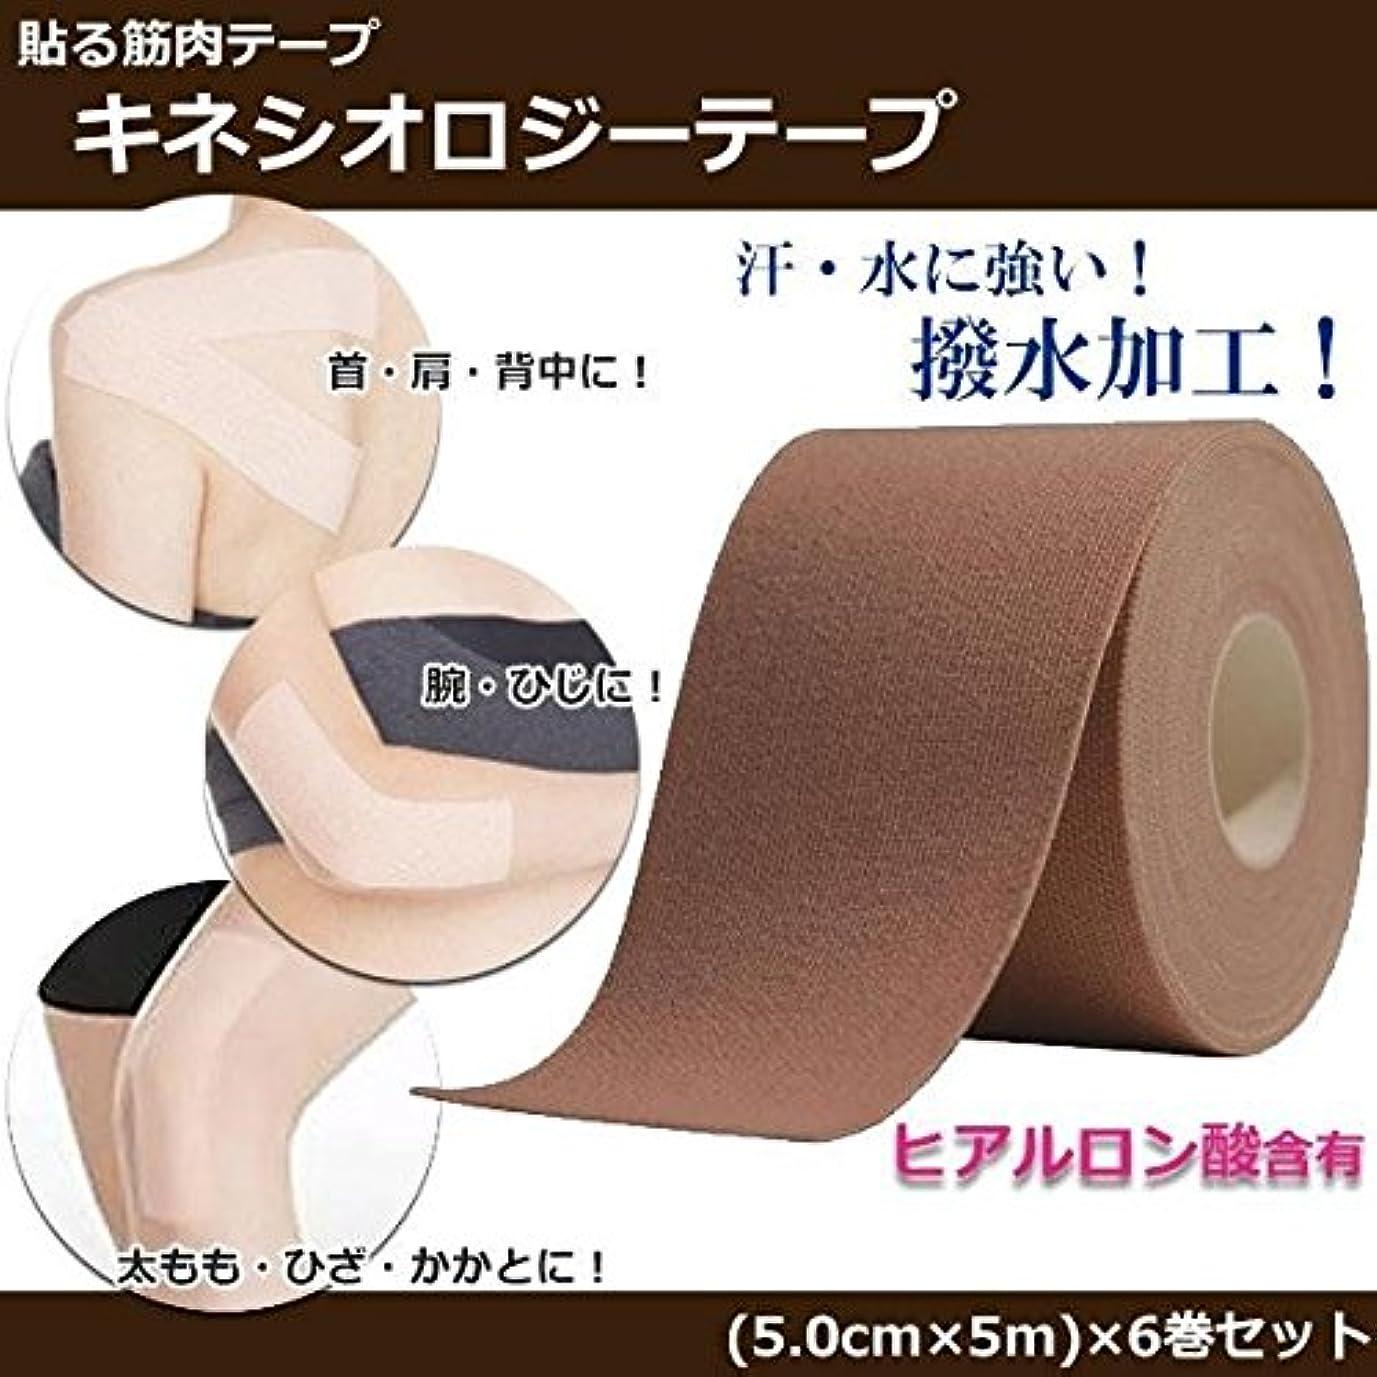 レイアレイアワックス貼る筋肉テープ キネシオロジーテープ ヒアルロン酸含有 日本製 6巻セット